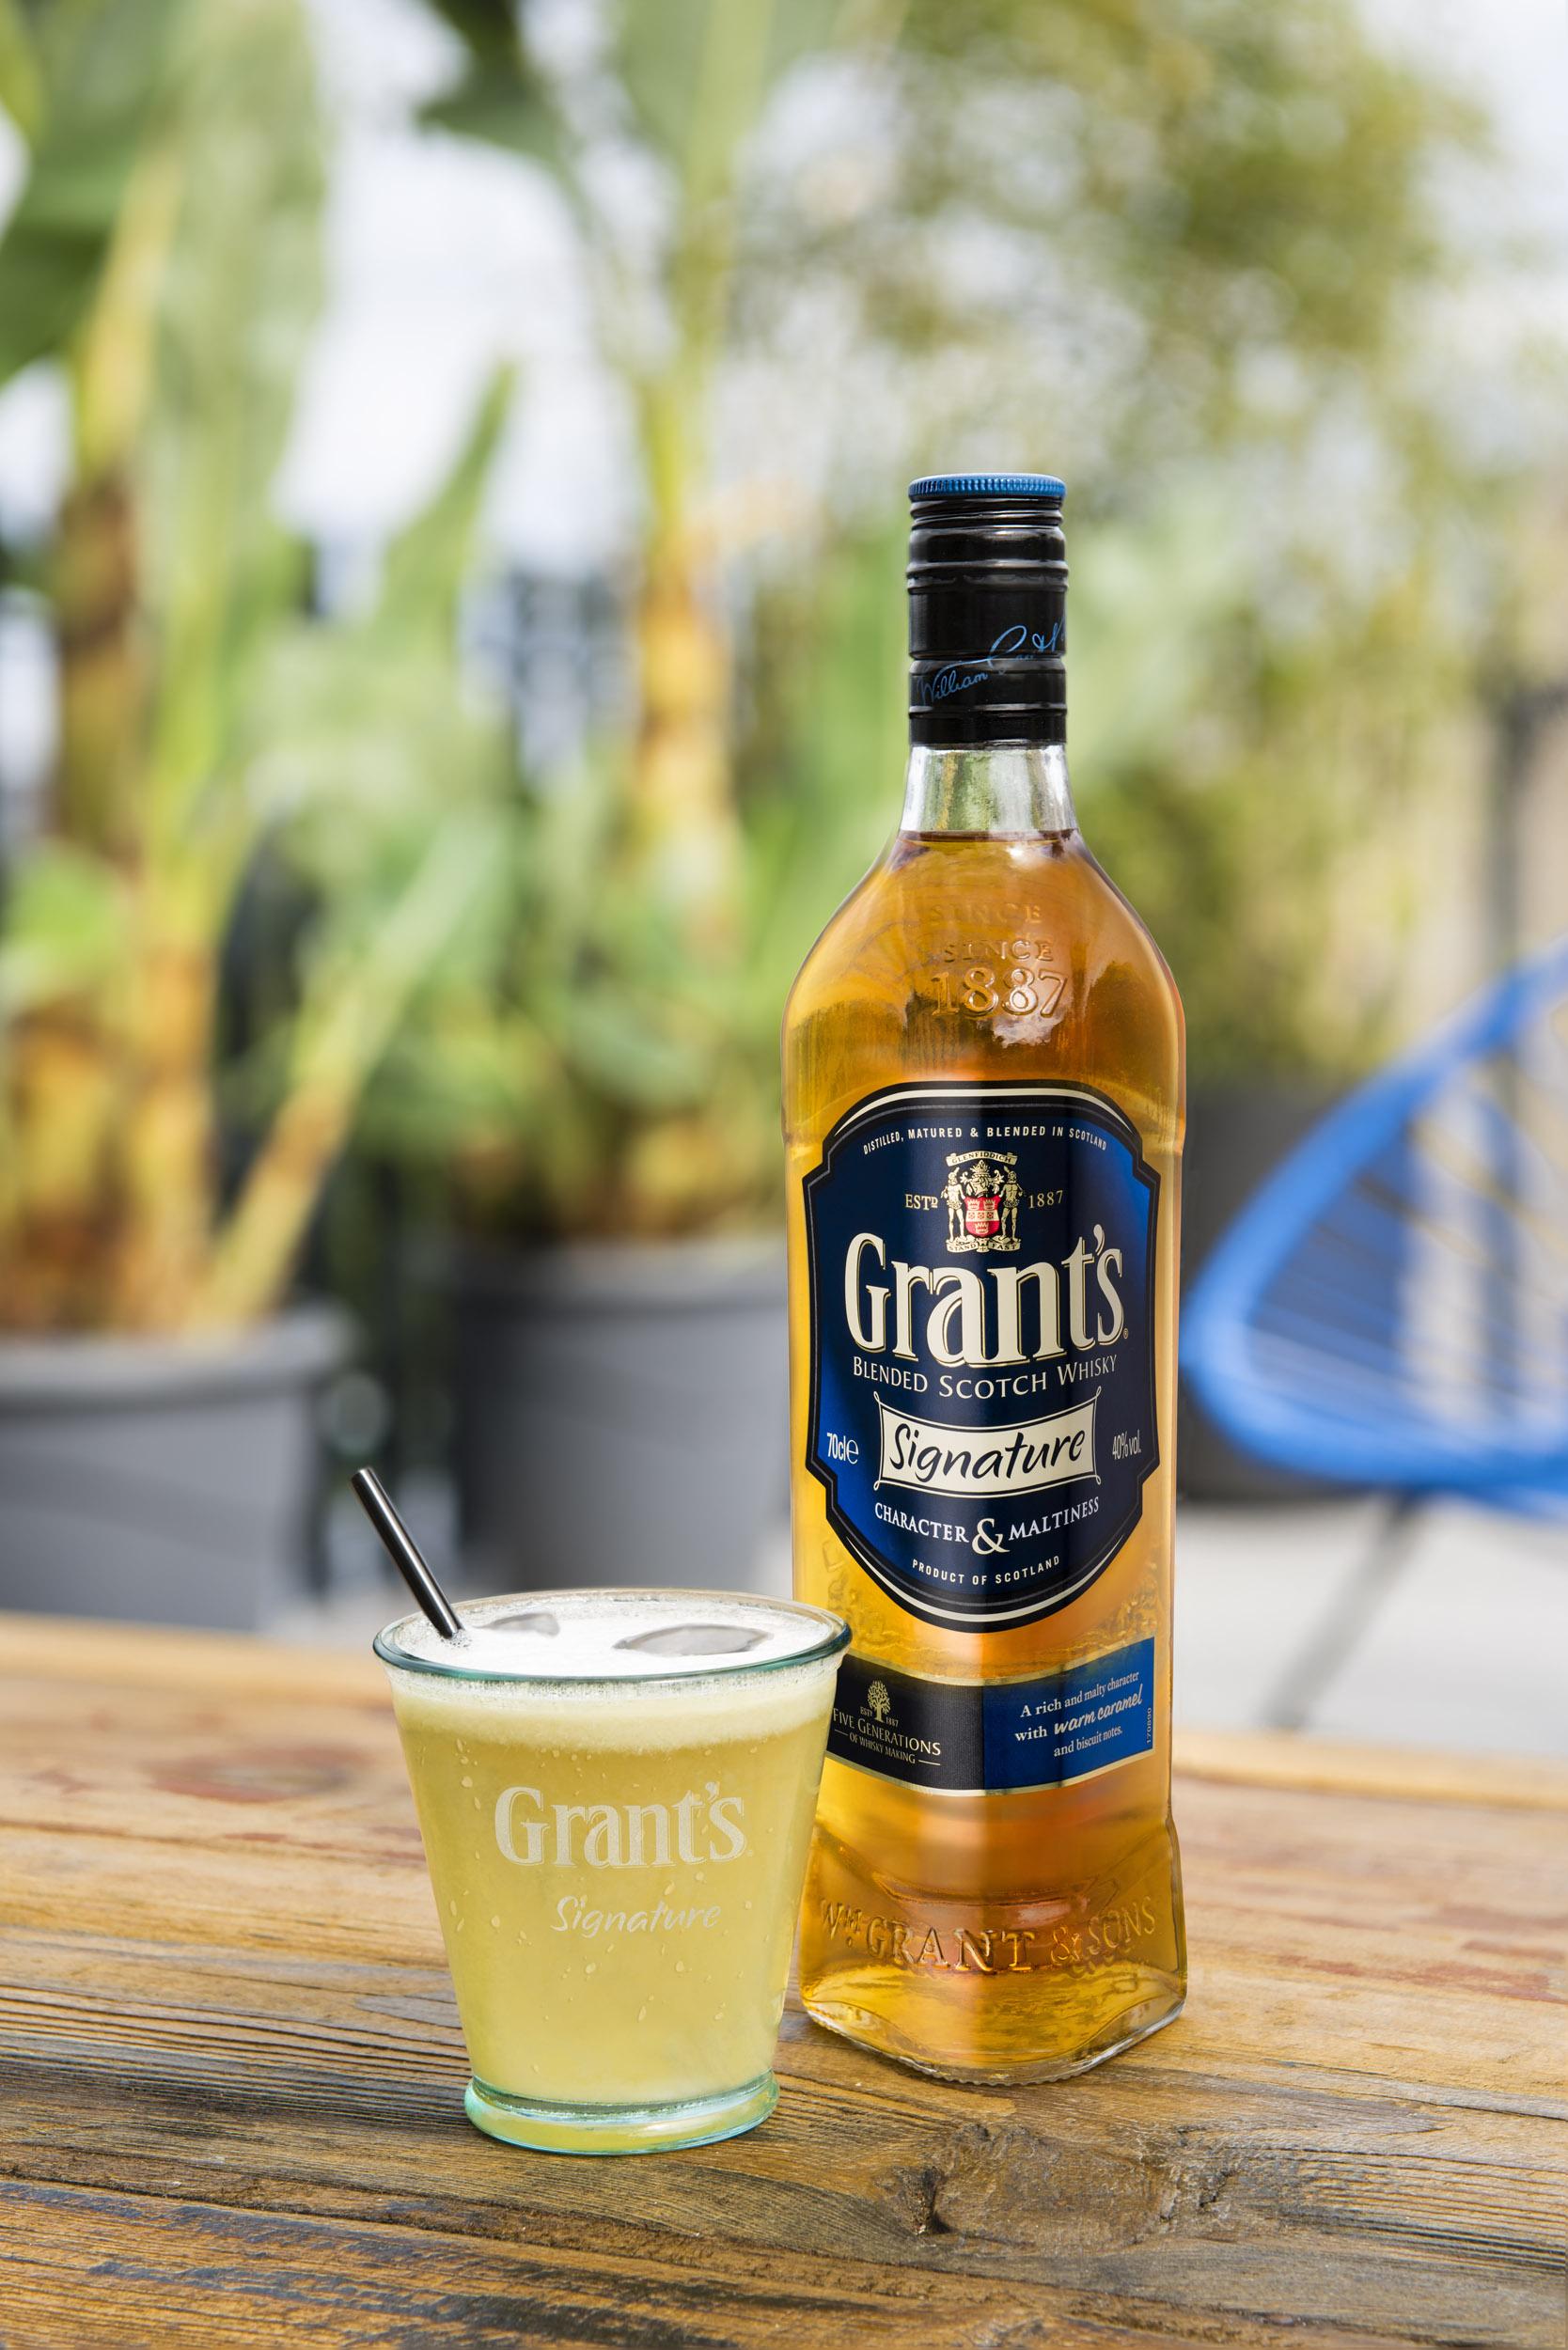 5 choses à savoir sur le whisky écossais Grant's